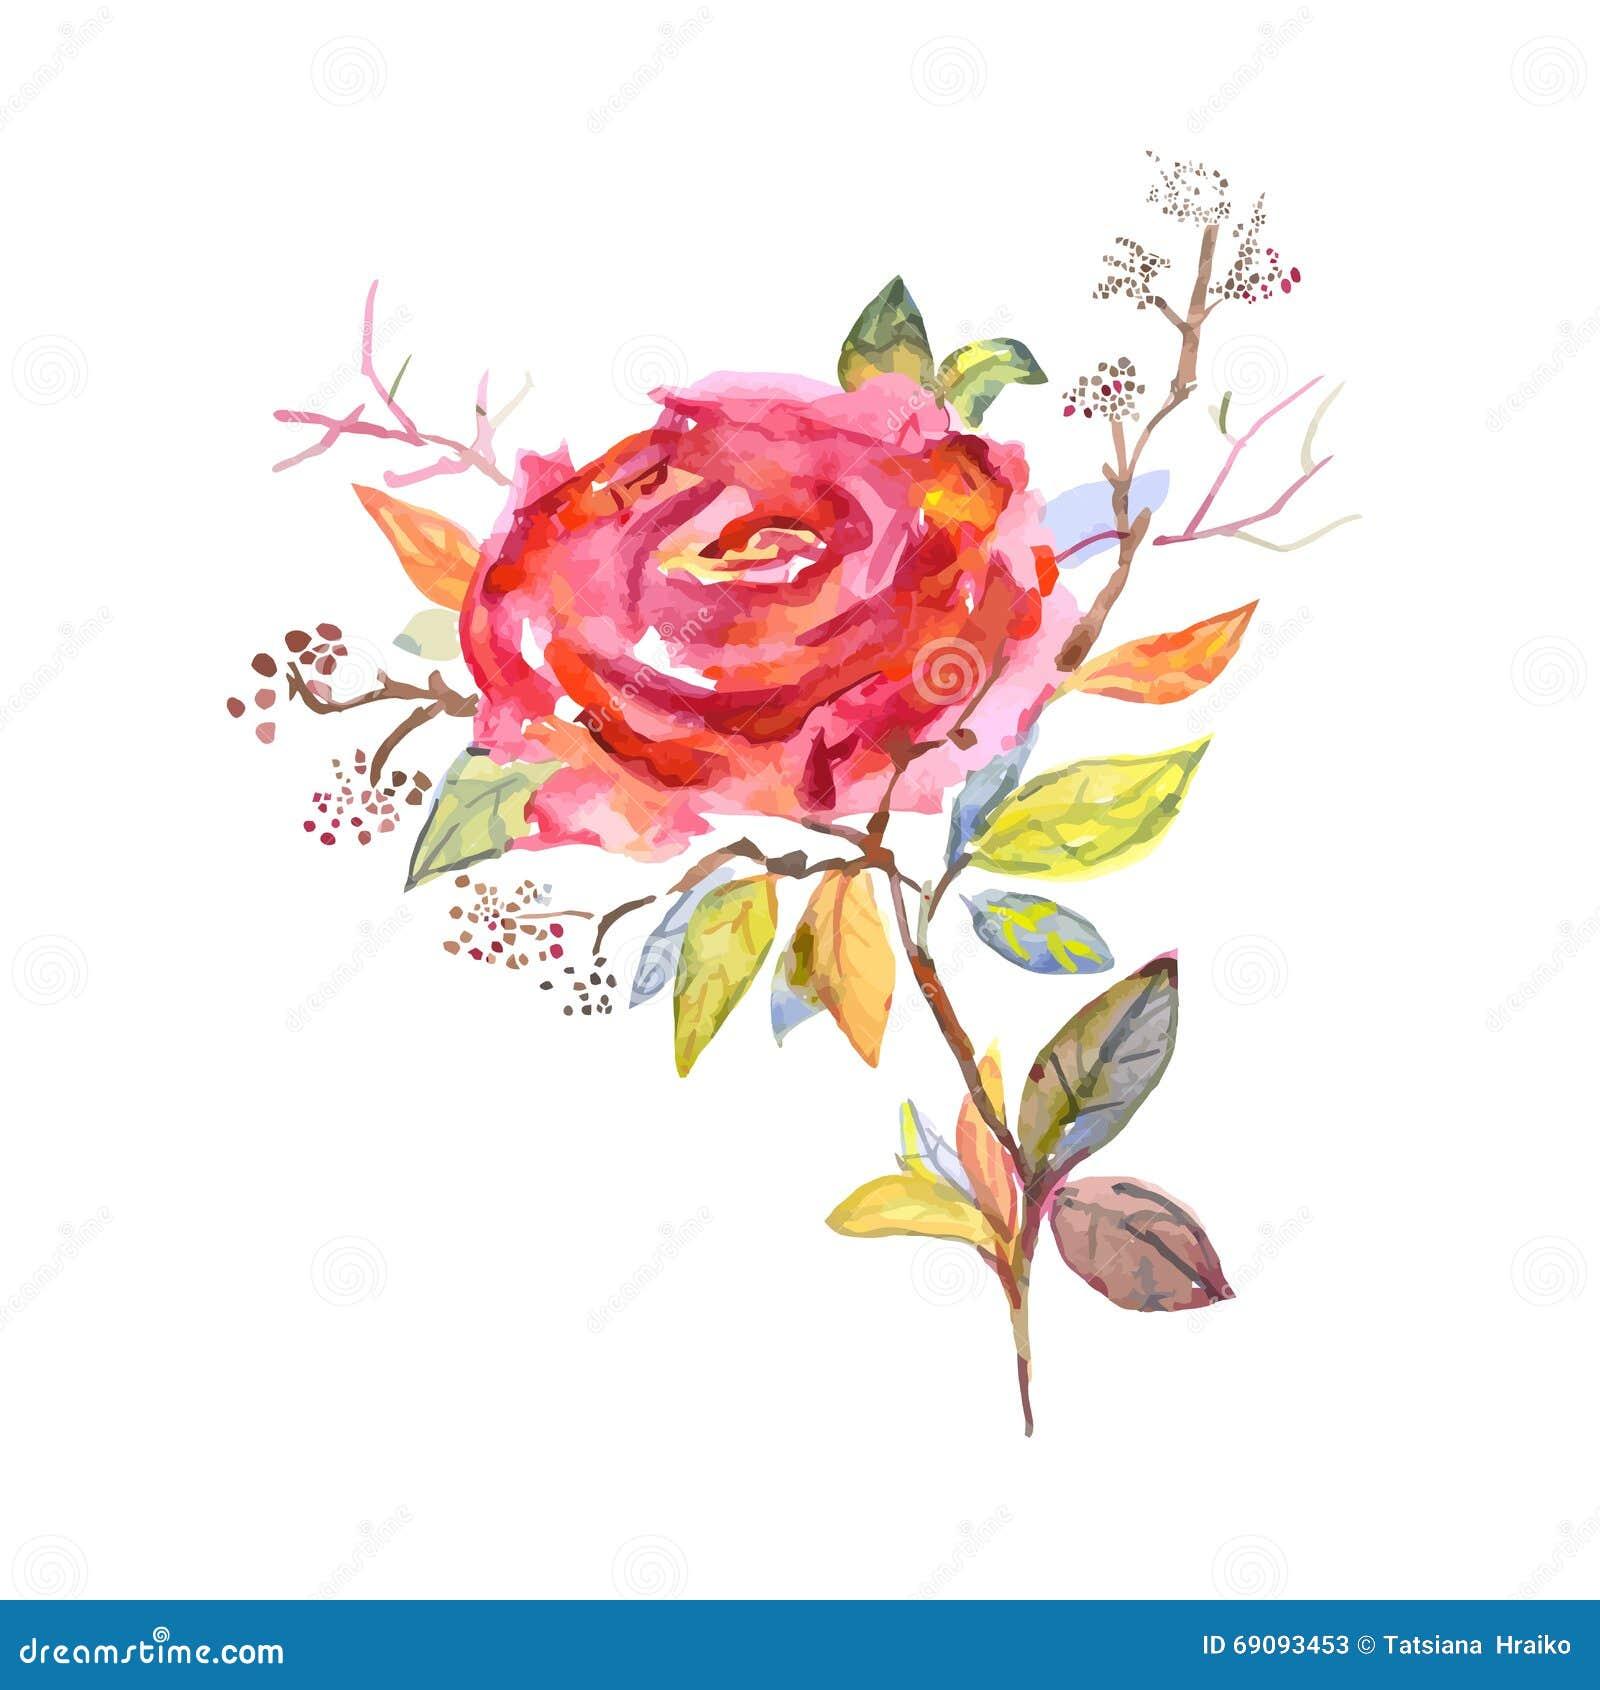 blumenstrau von rosen aquarell kann als gru karte benutzt werden geburtstag und anderer. Black Bedroom Furniture Sets. Home Design Ideas